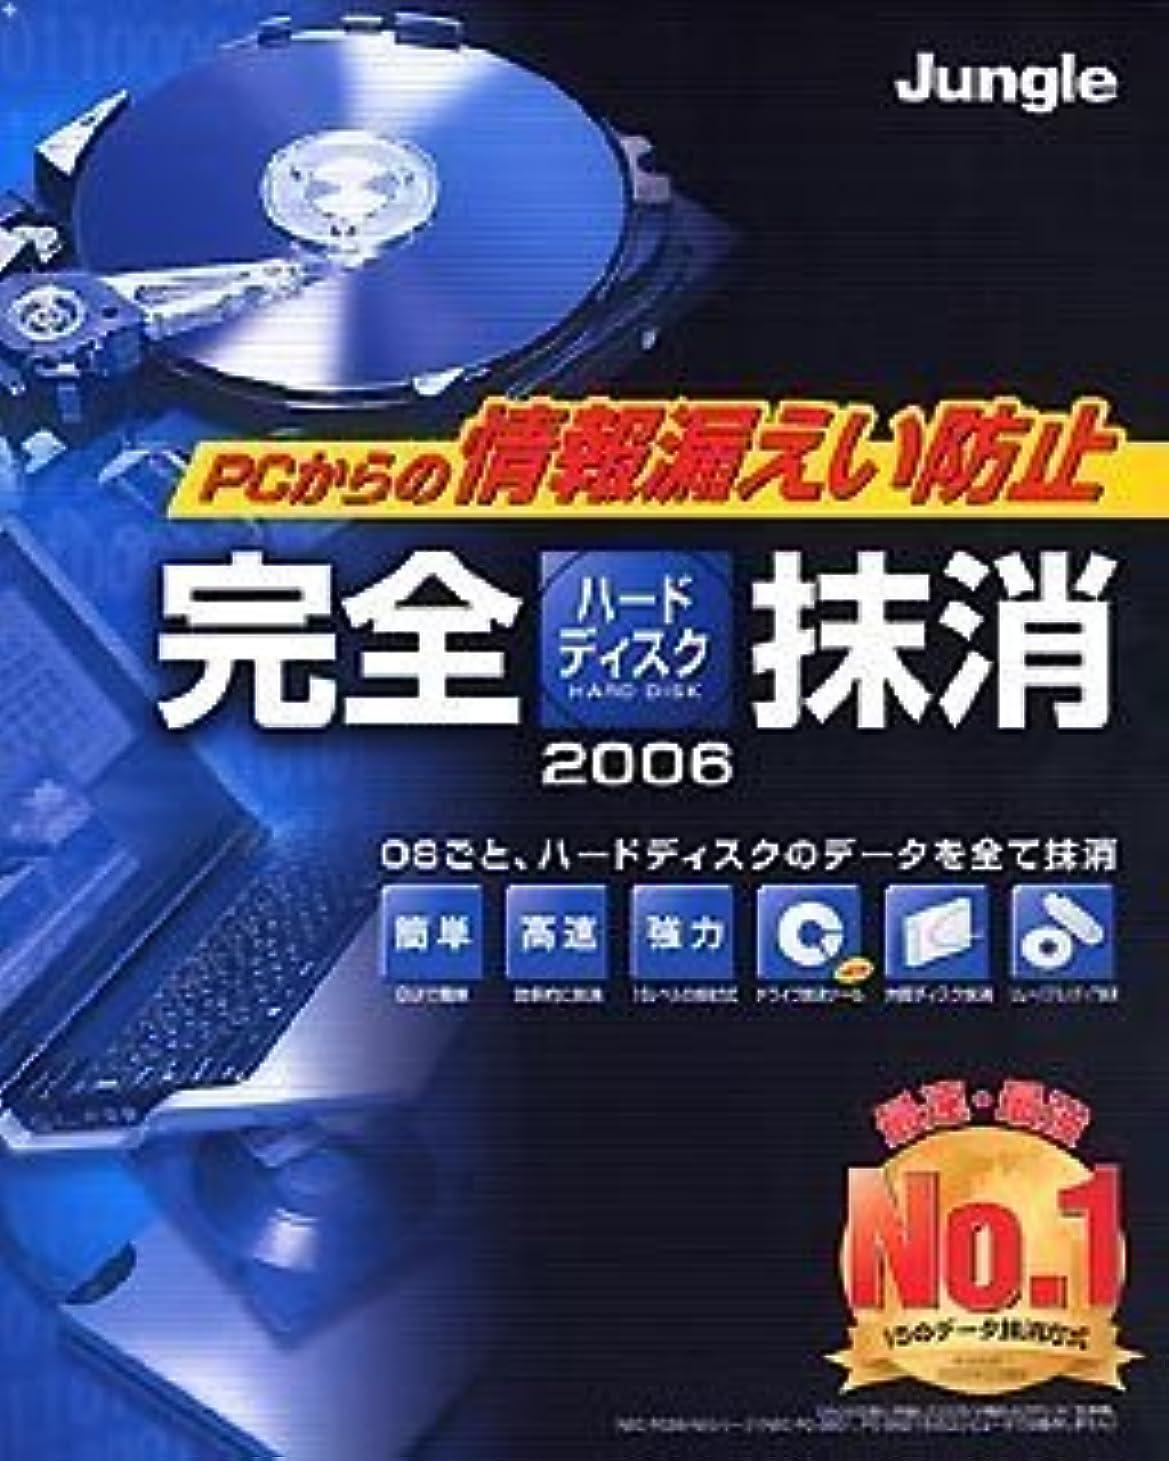 支援広範囲直接完全ハードディスク抹消2006